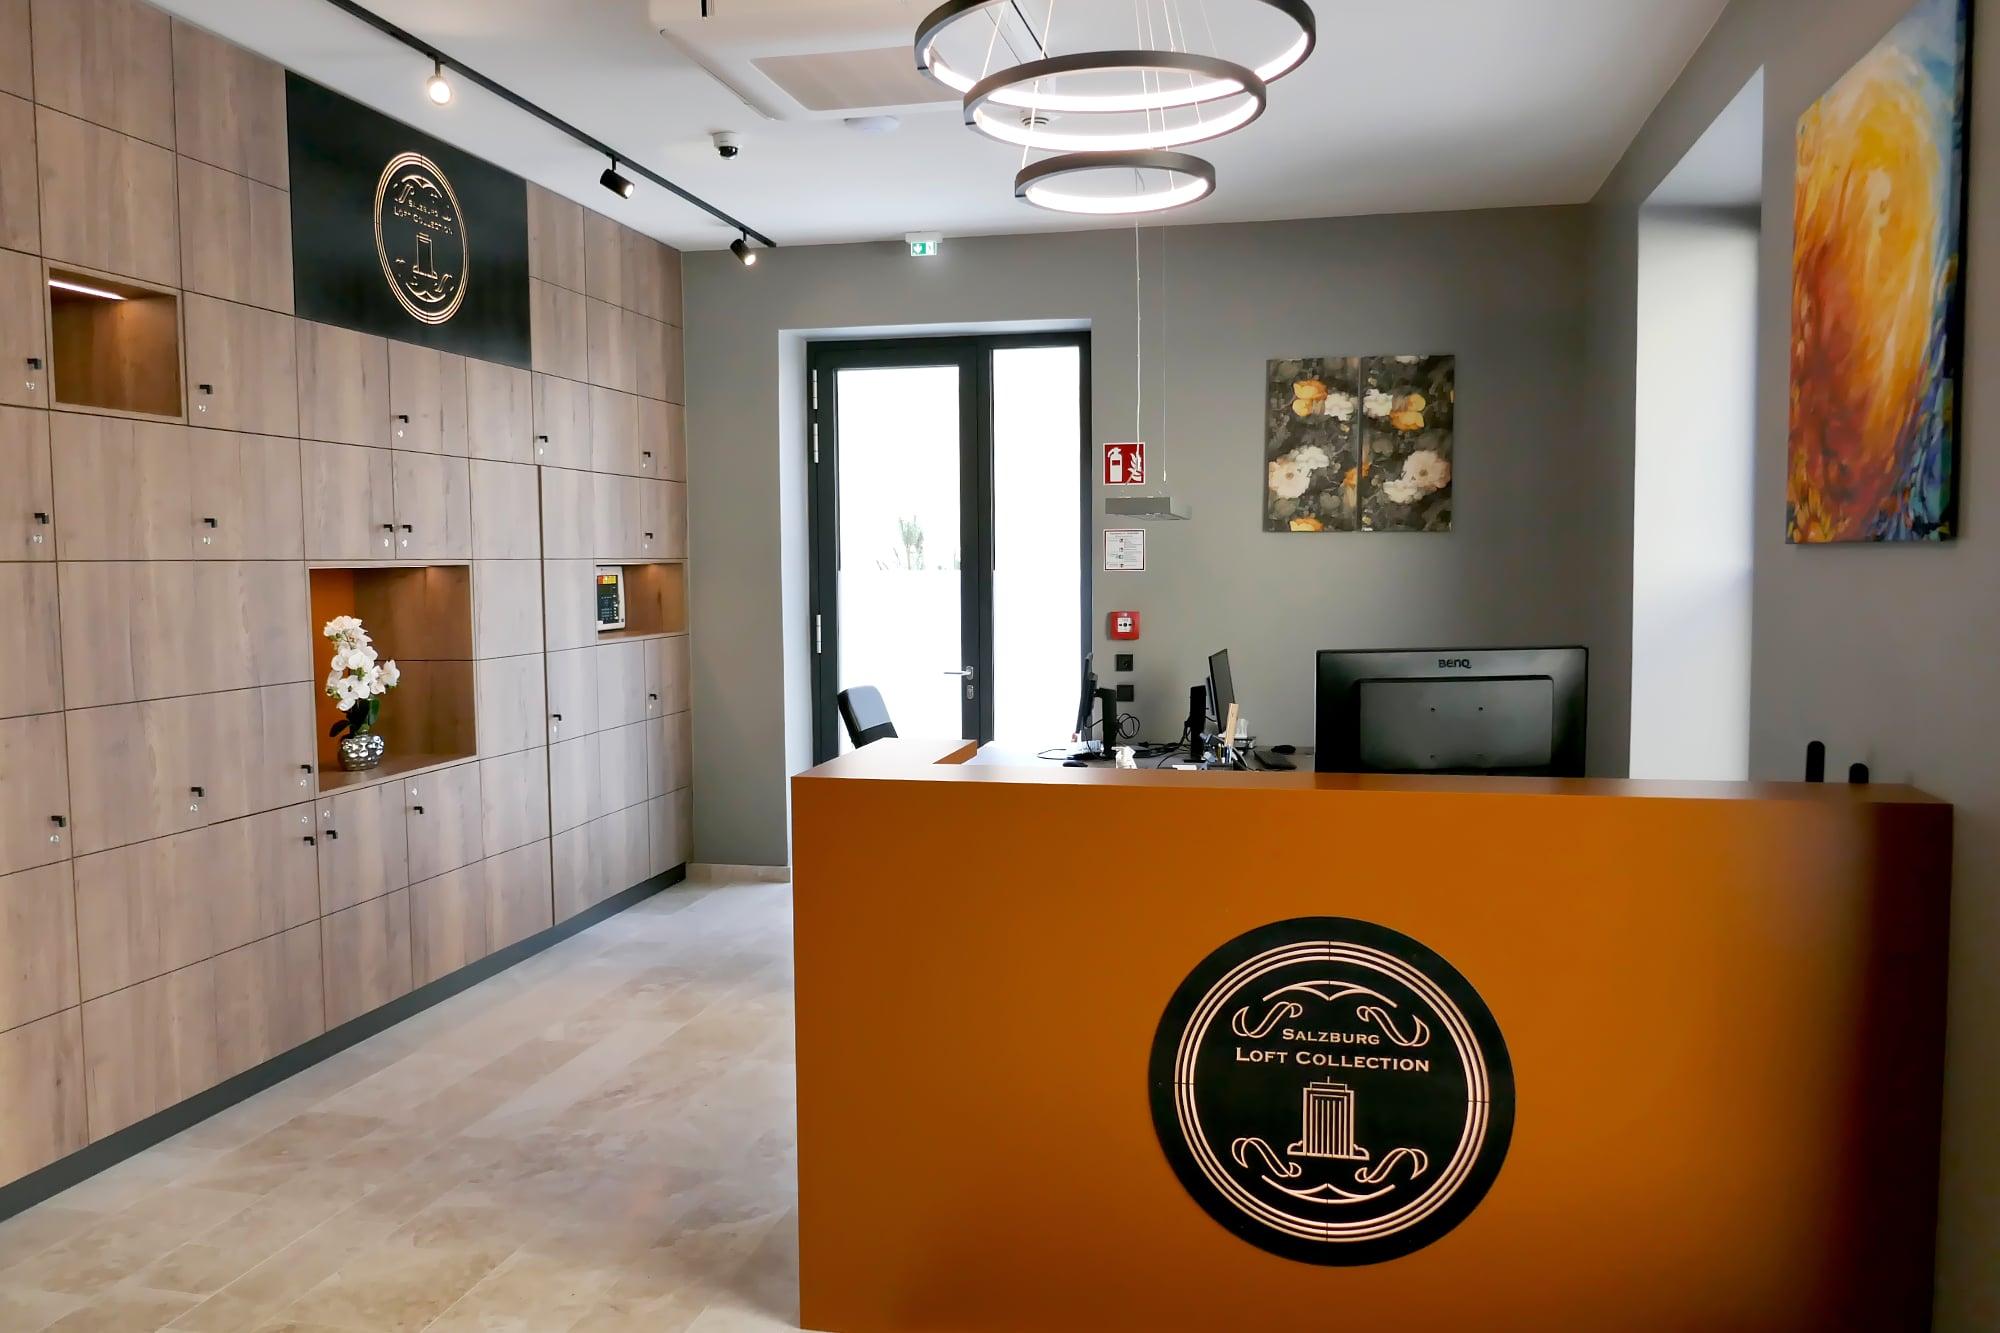 Loft Collection Linzergasse Reception